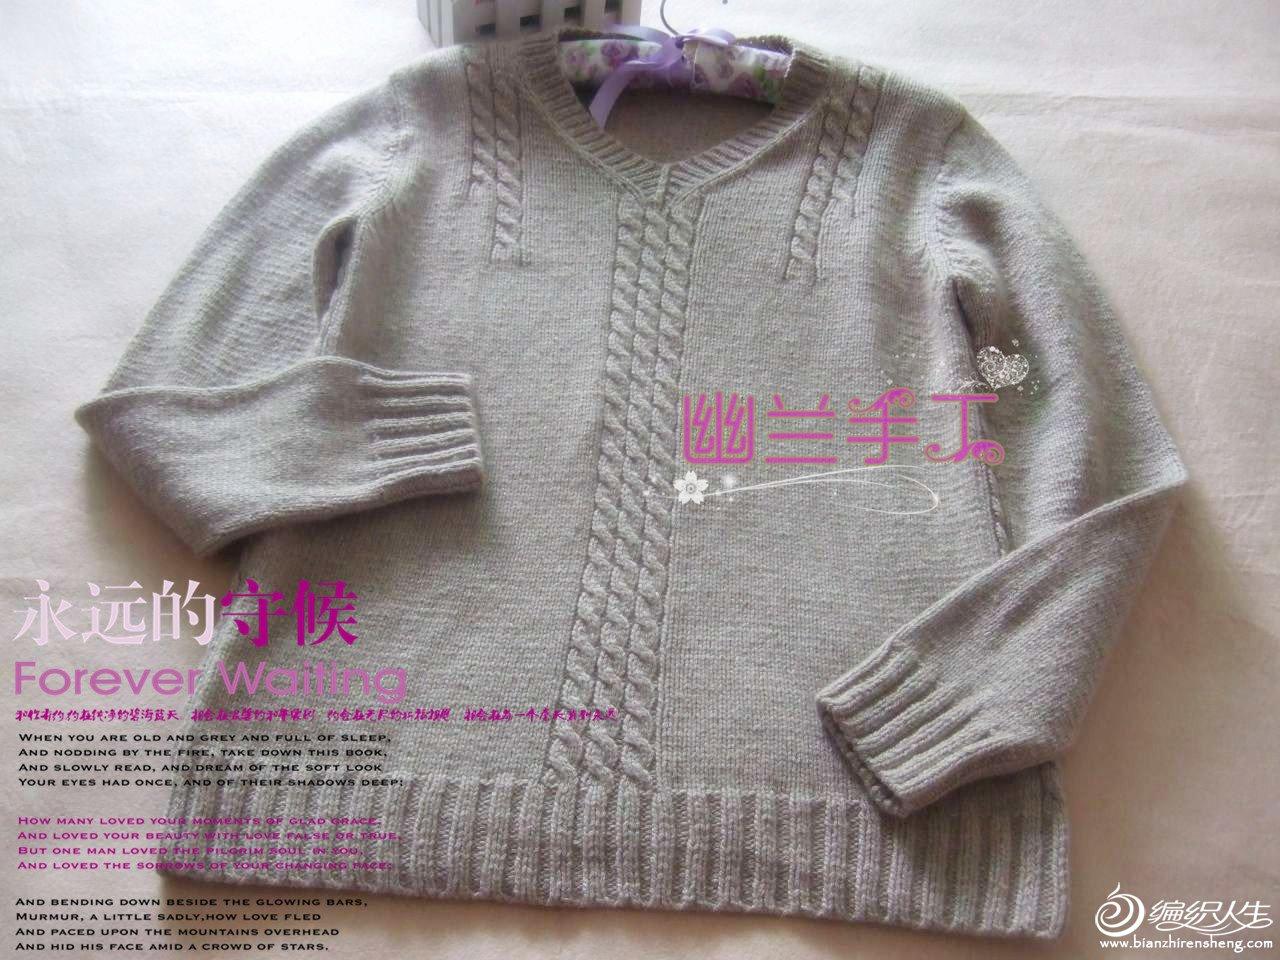 DSCF2476-1280_副本.jpg